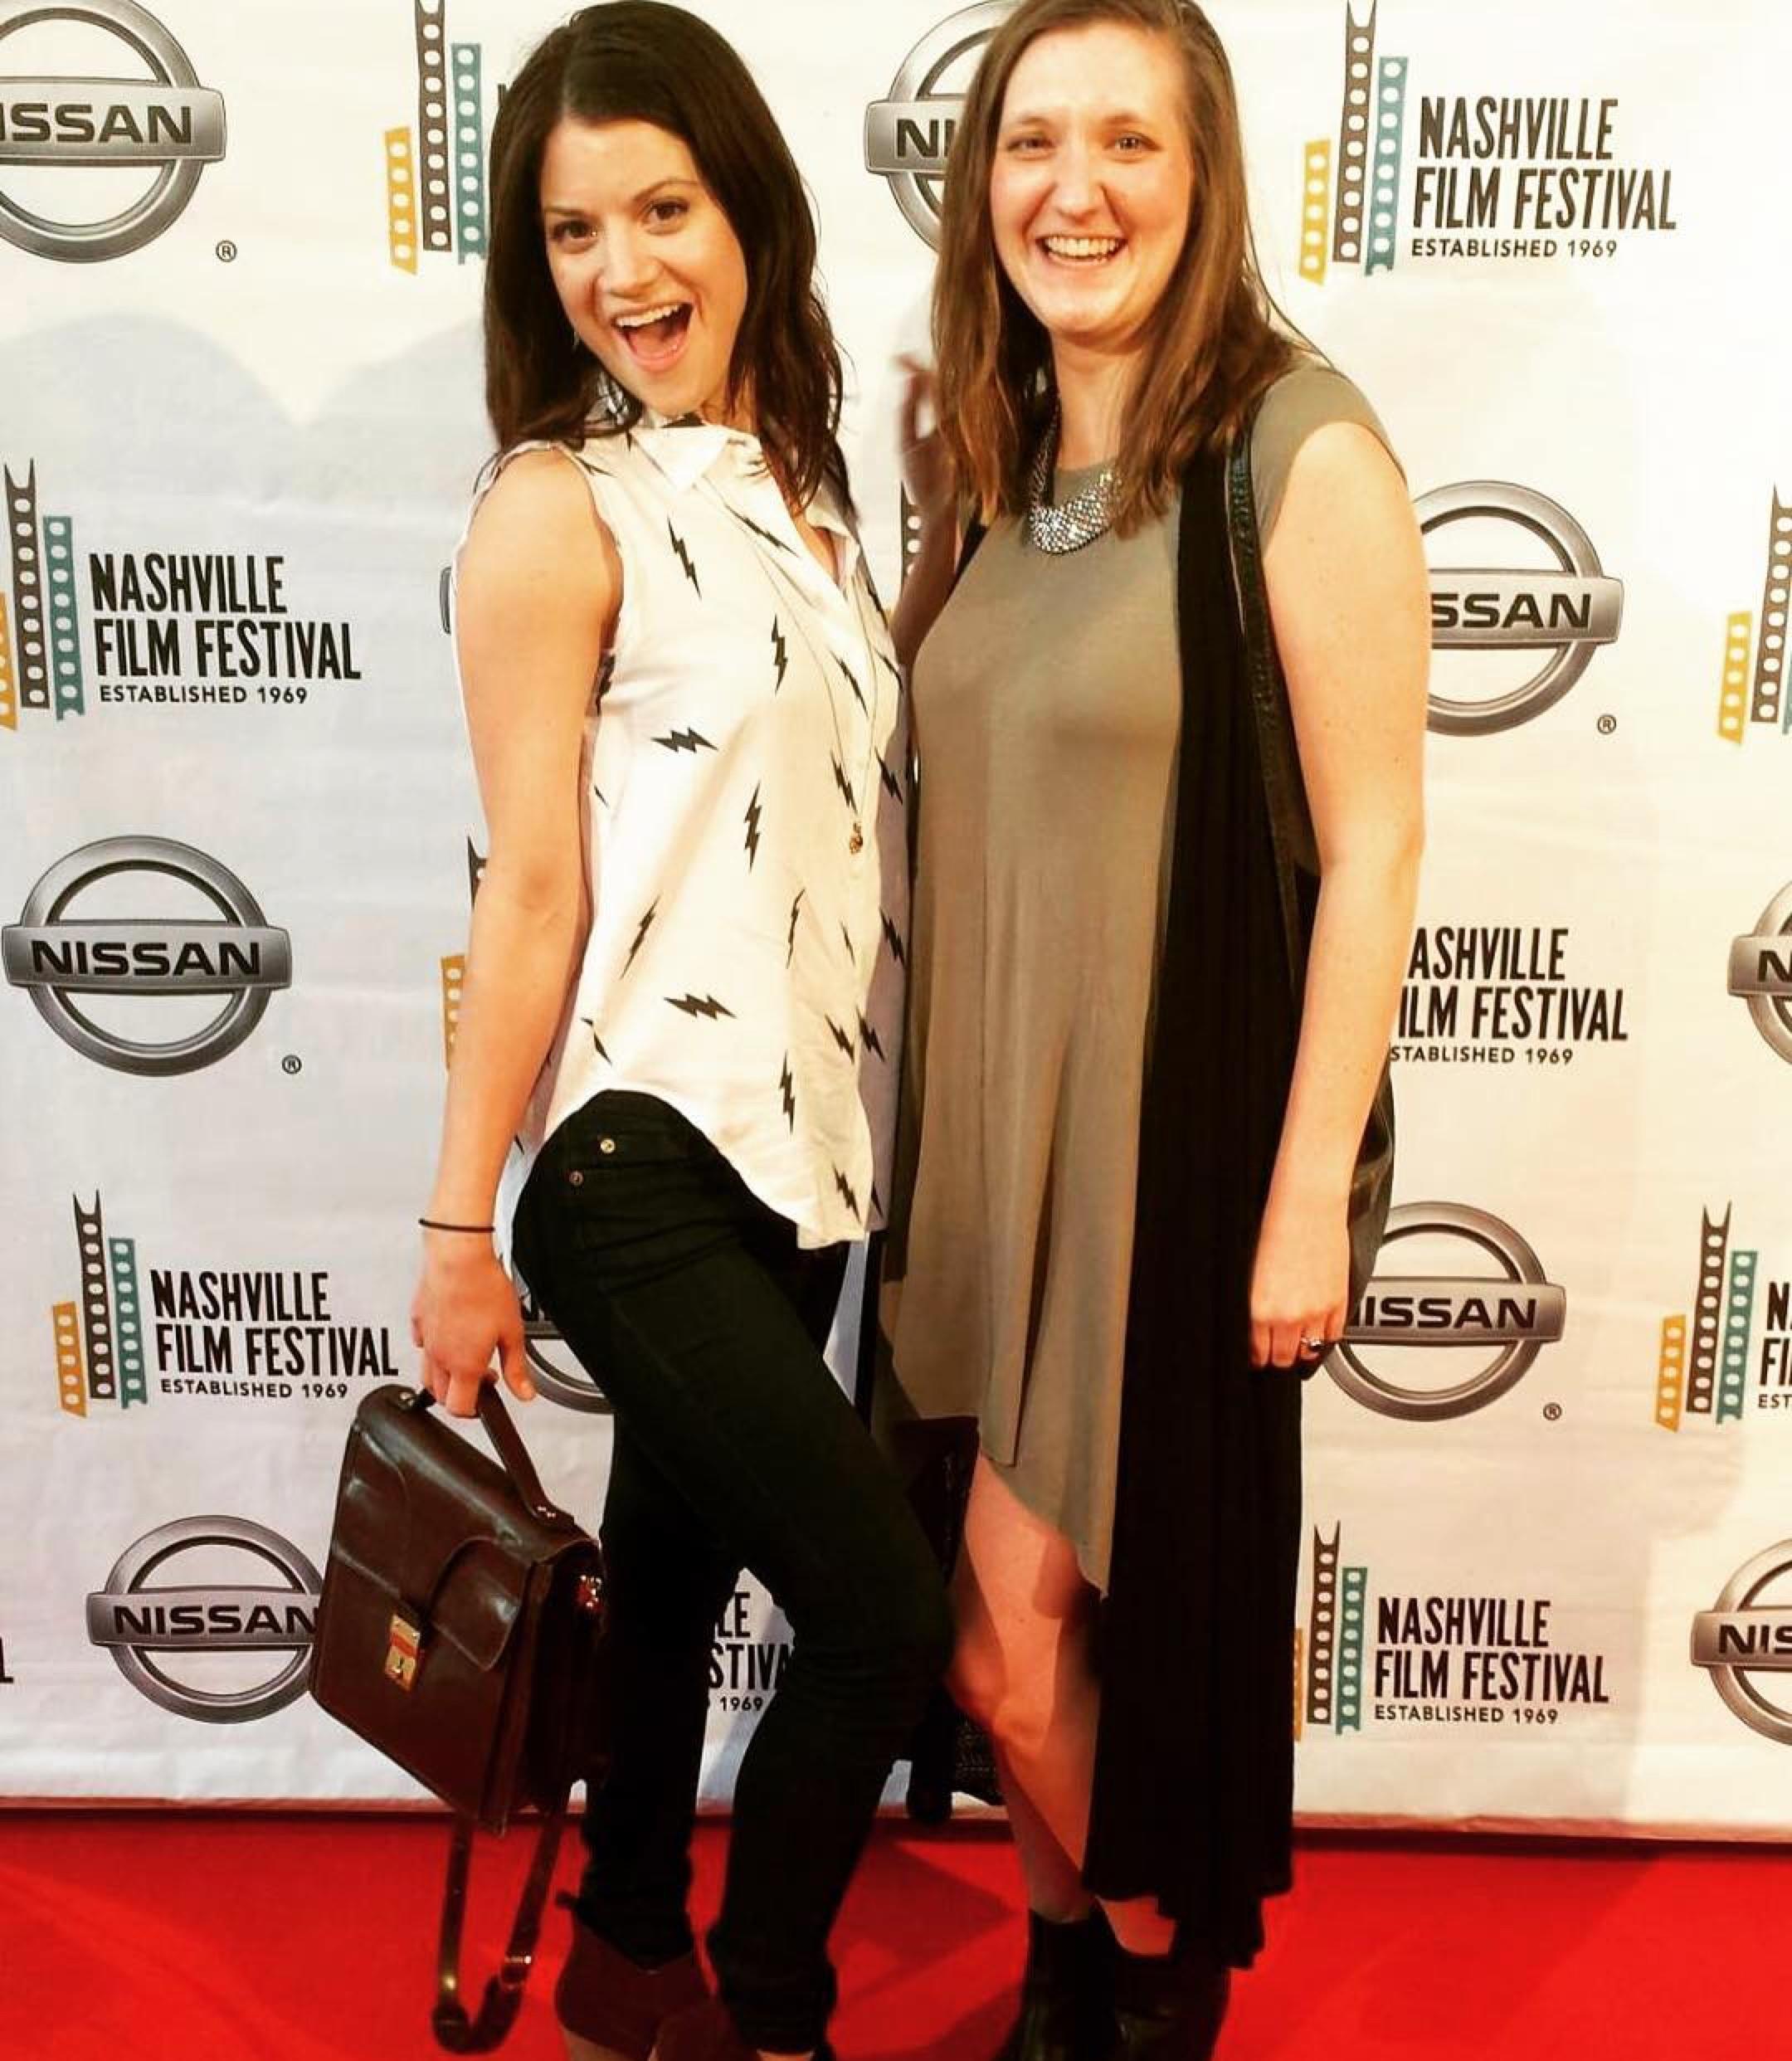 Heather & Kyra!